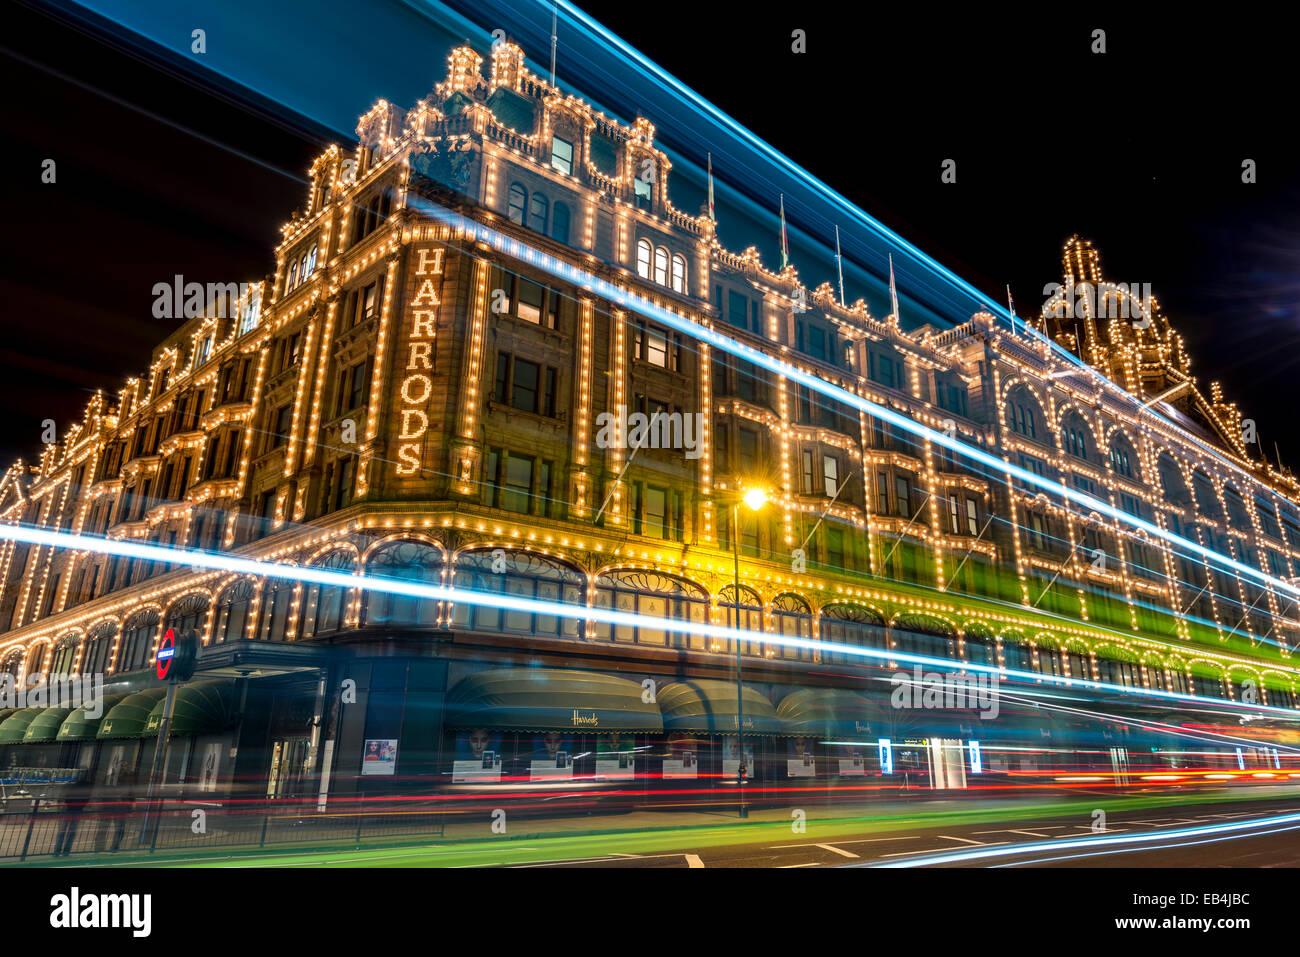 Harrods ist ein Welt berühmten Kaufhaus in Kinightsbridge; Es ist spektakulär in der Nacht beleuchtet Stockbild